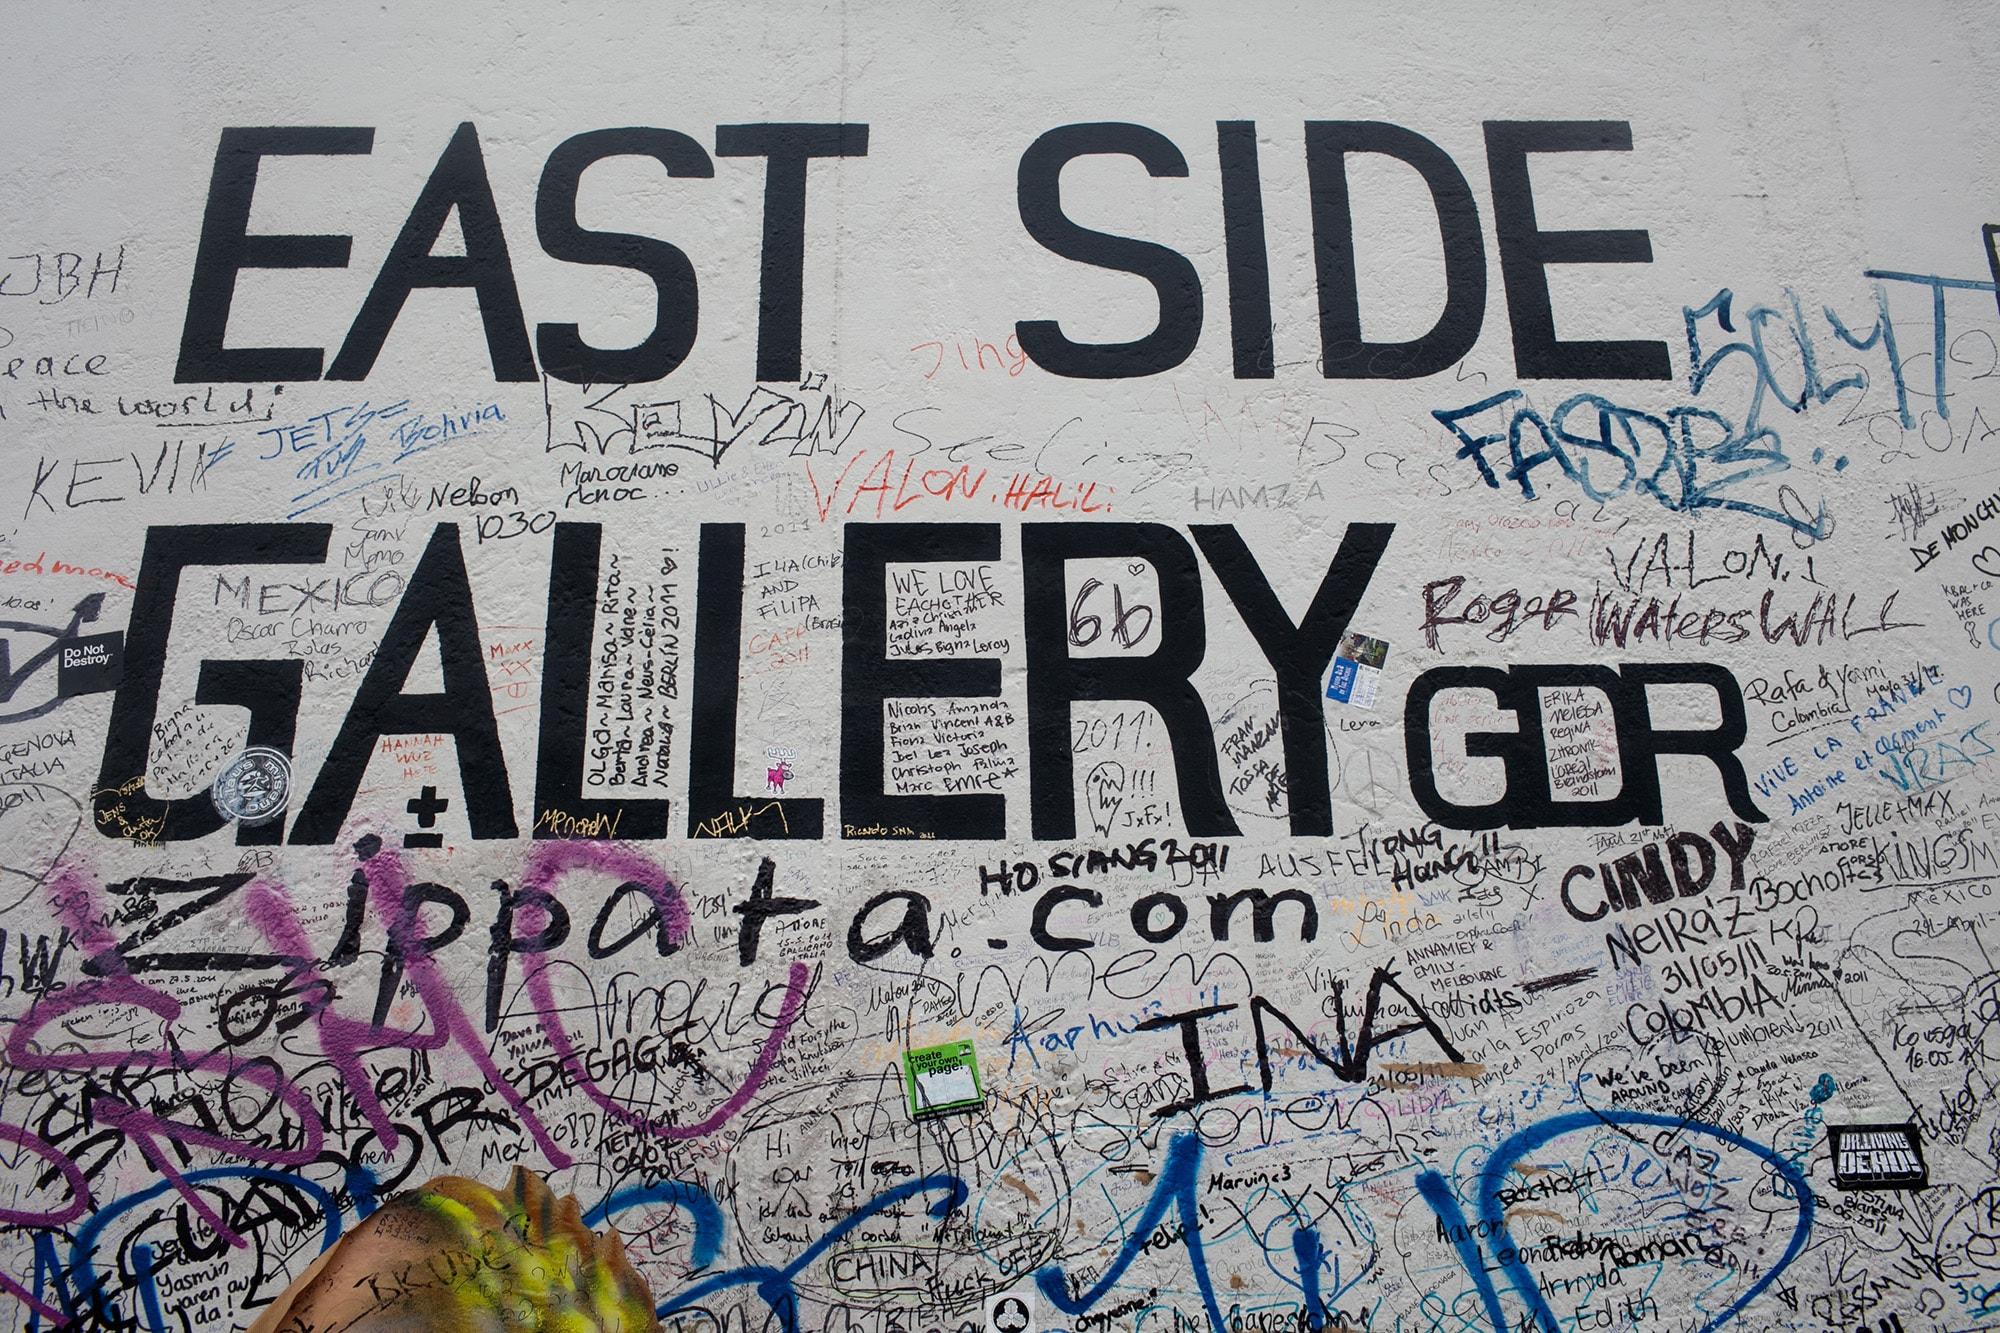 East Side Gallery in Berlin